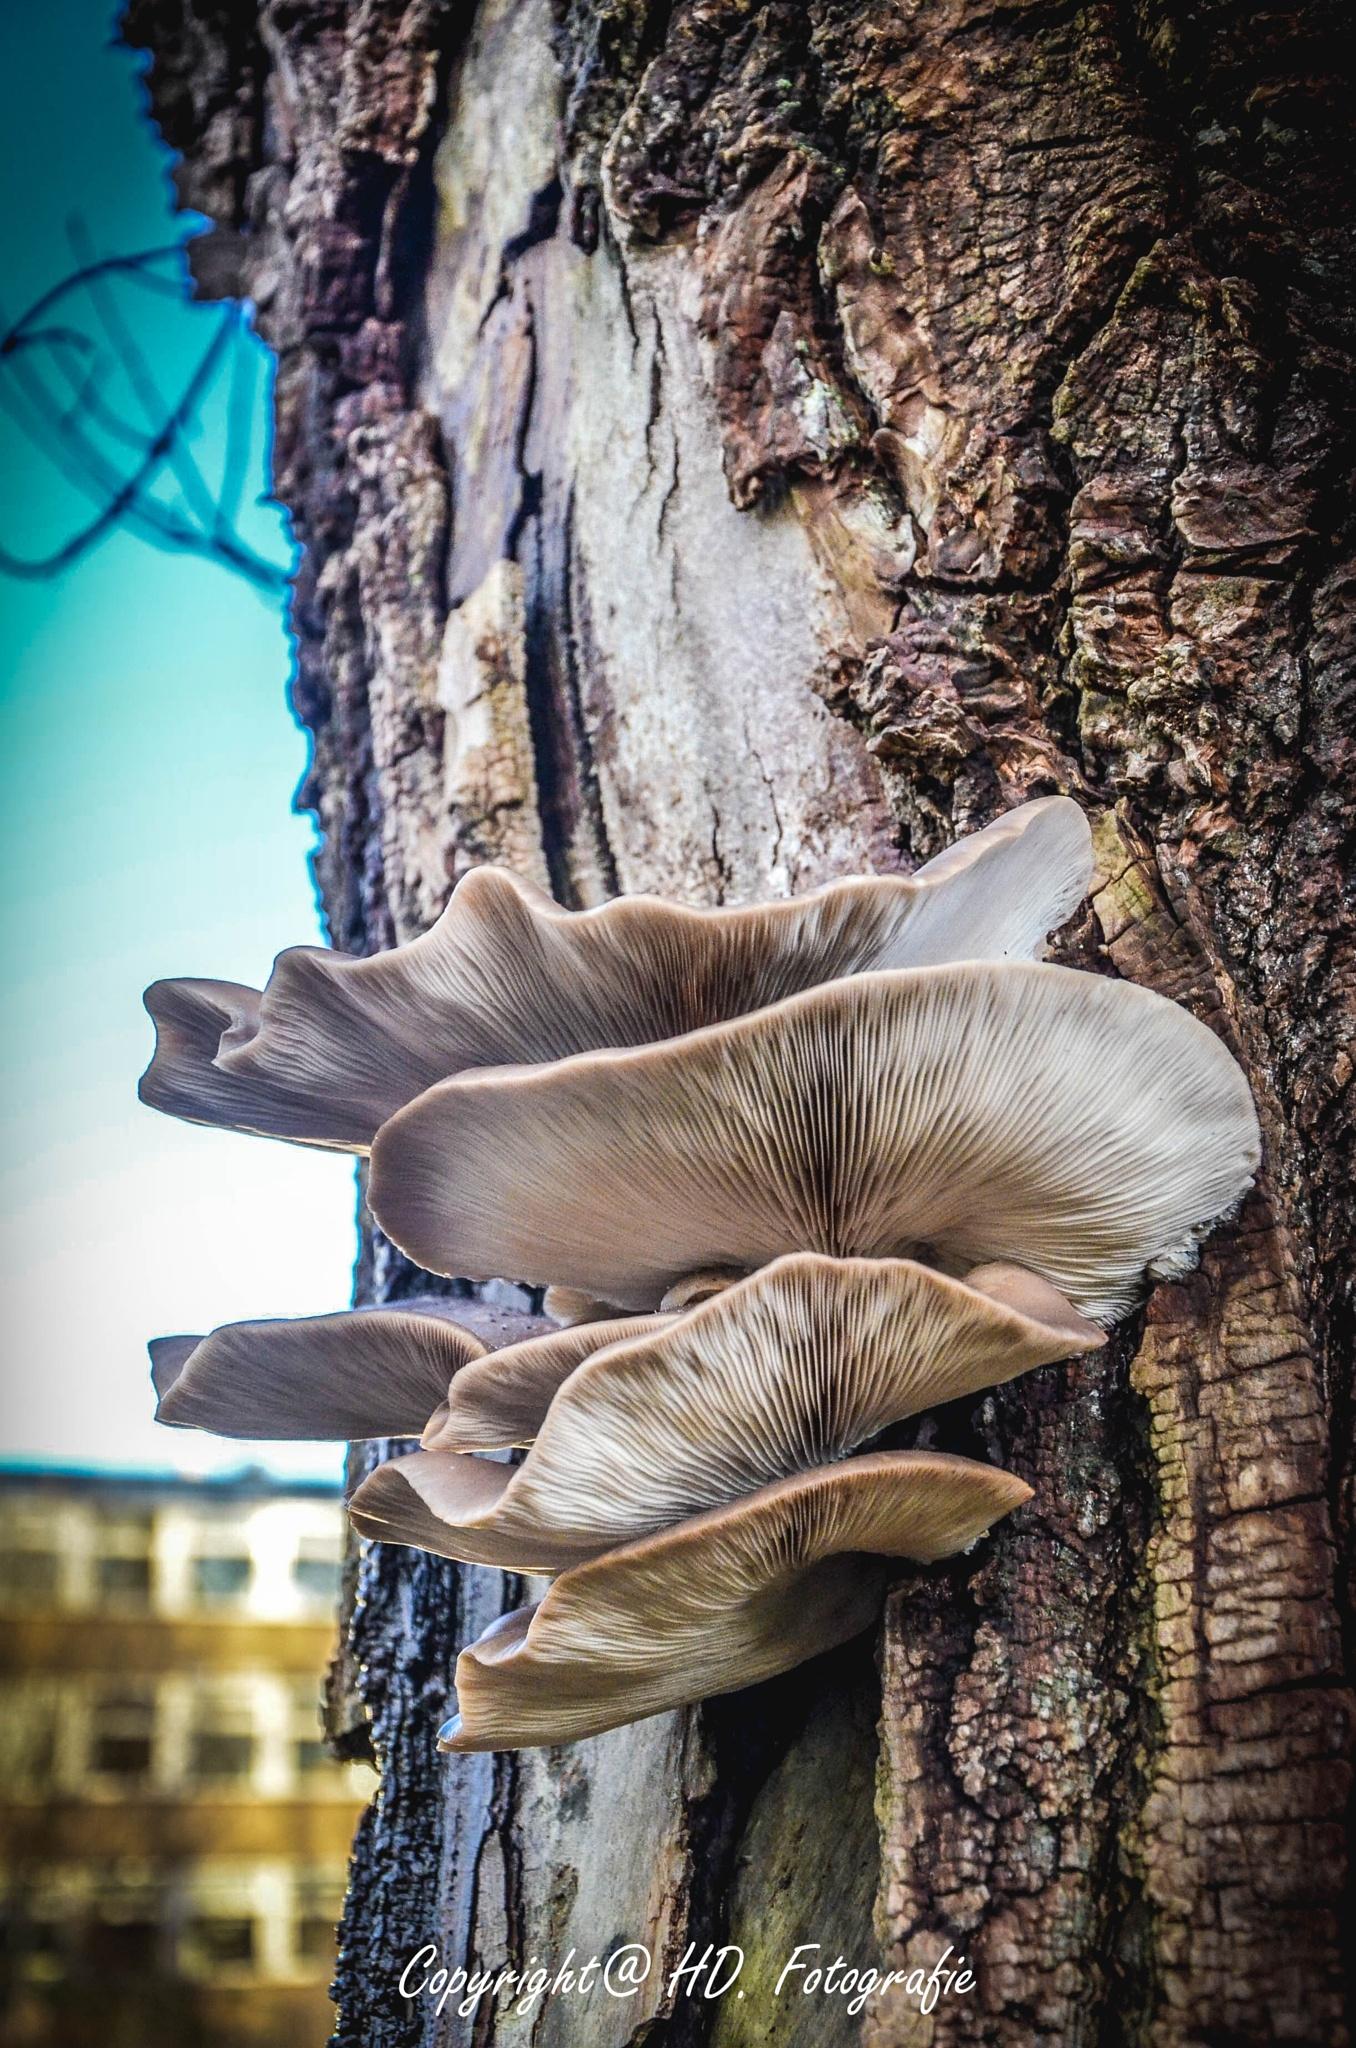 Three Fungus by hennie.driessen.7